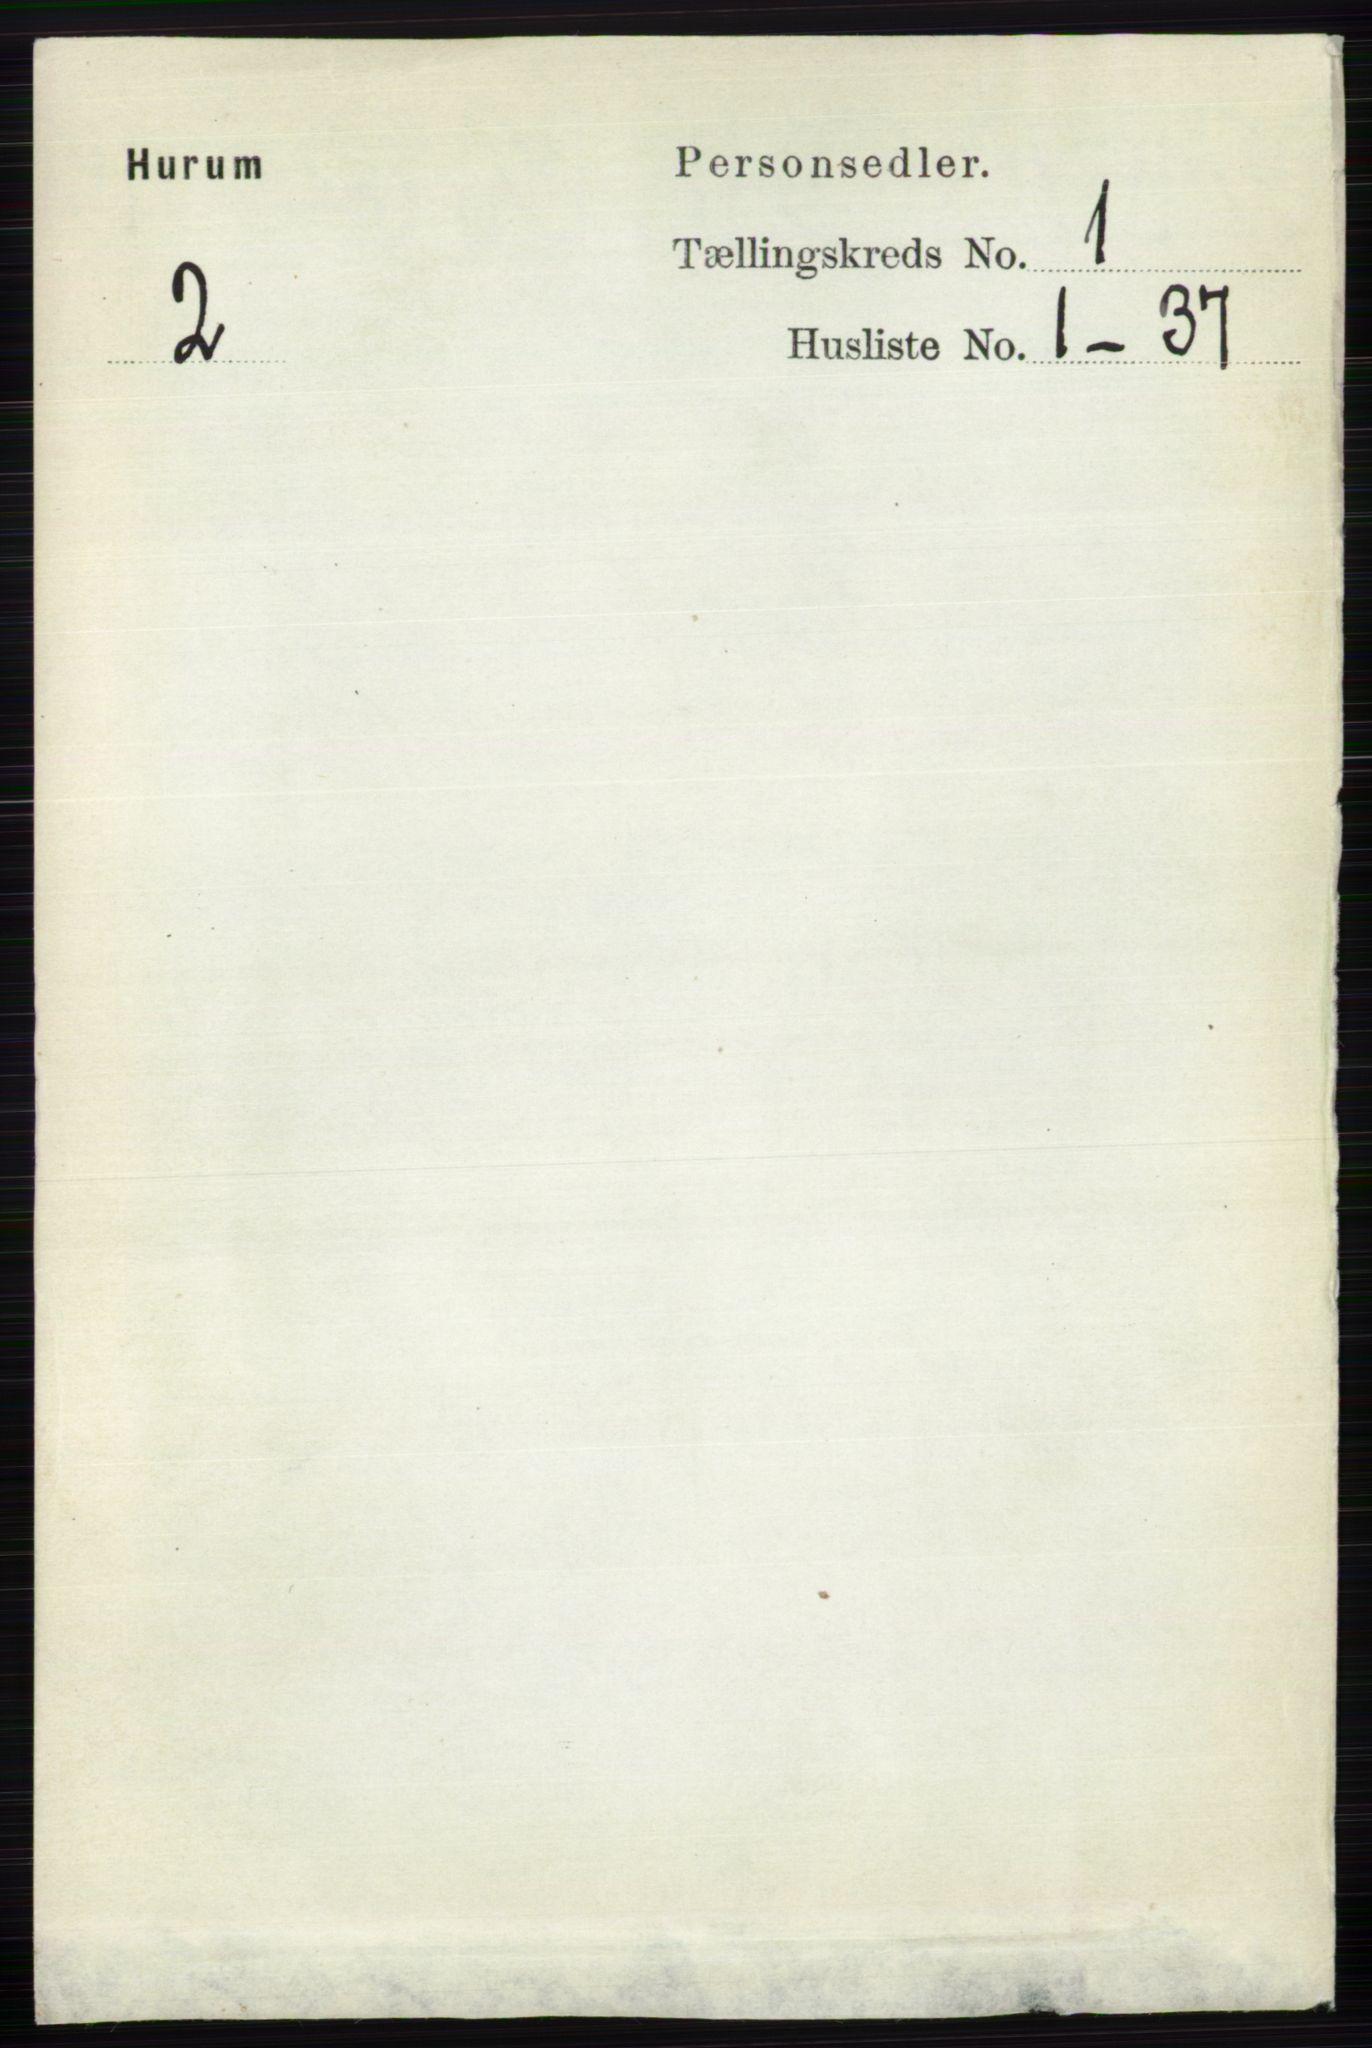 RA, Folketelling 1891 for 0628 Hurum herred, 1891, s. 85